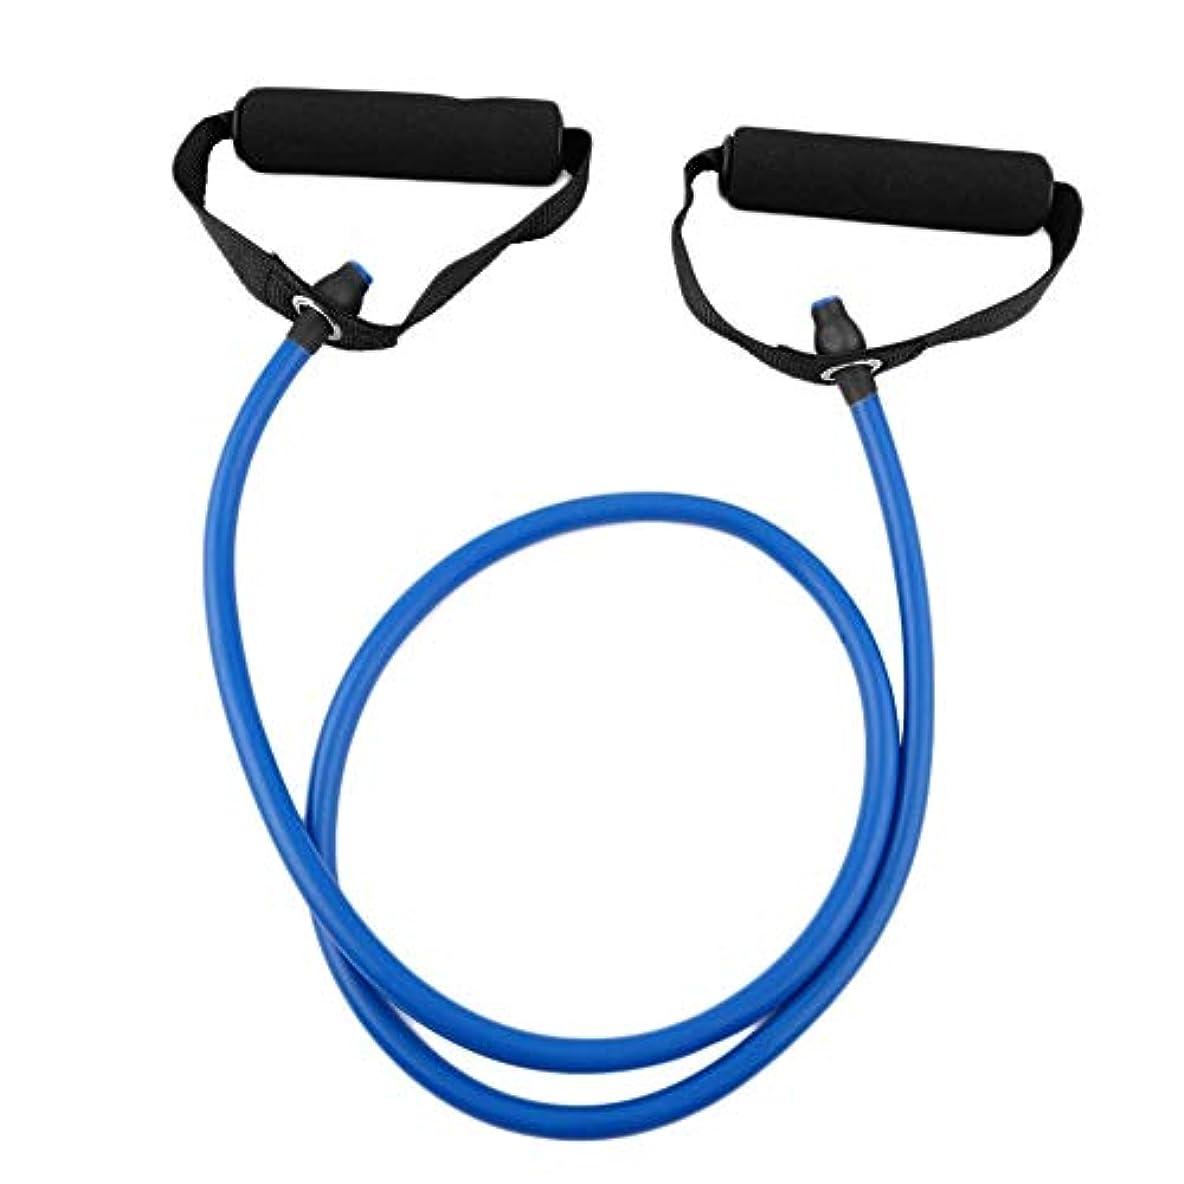 チョップ爆発する早くフィットネス抵抗バンドロープチューブ弾性運動用ヨガピラティスワークアウトホームスポーツプルロープジムエクササイズツール(Color:blue)